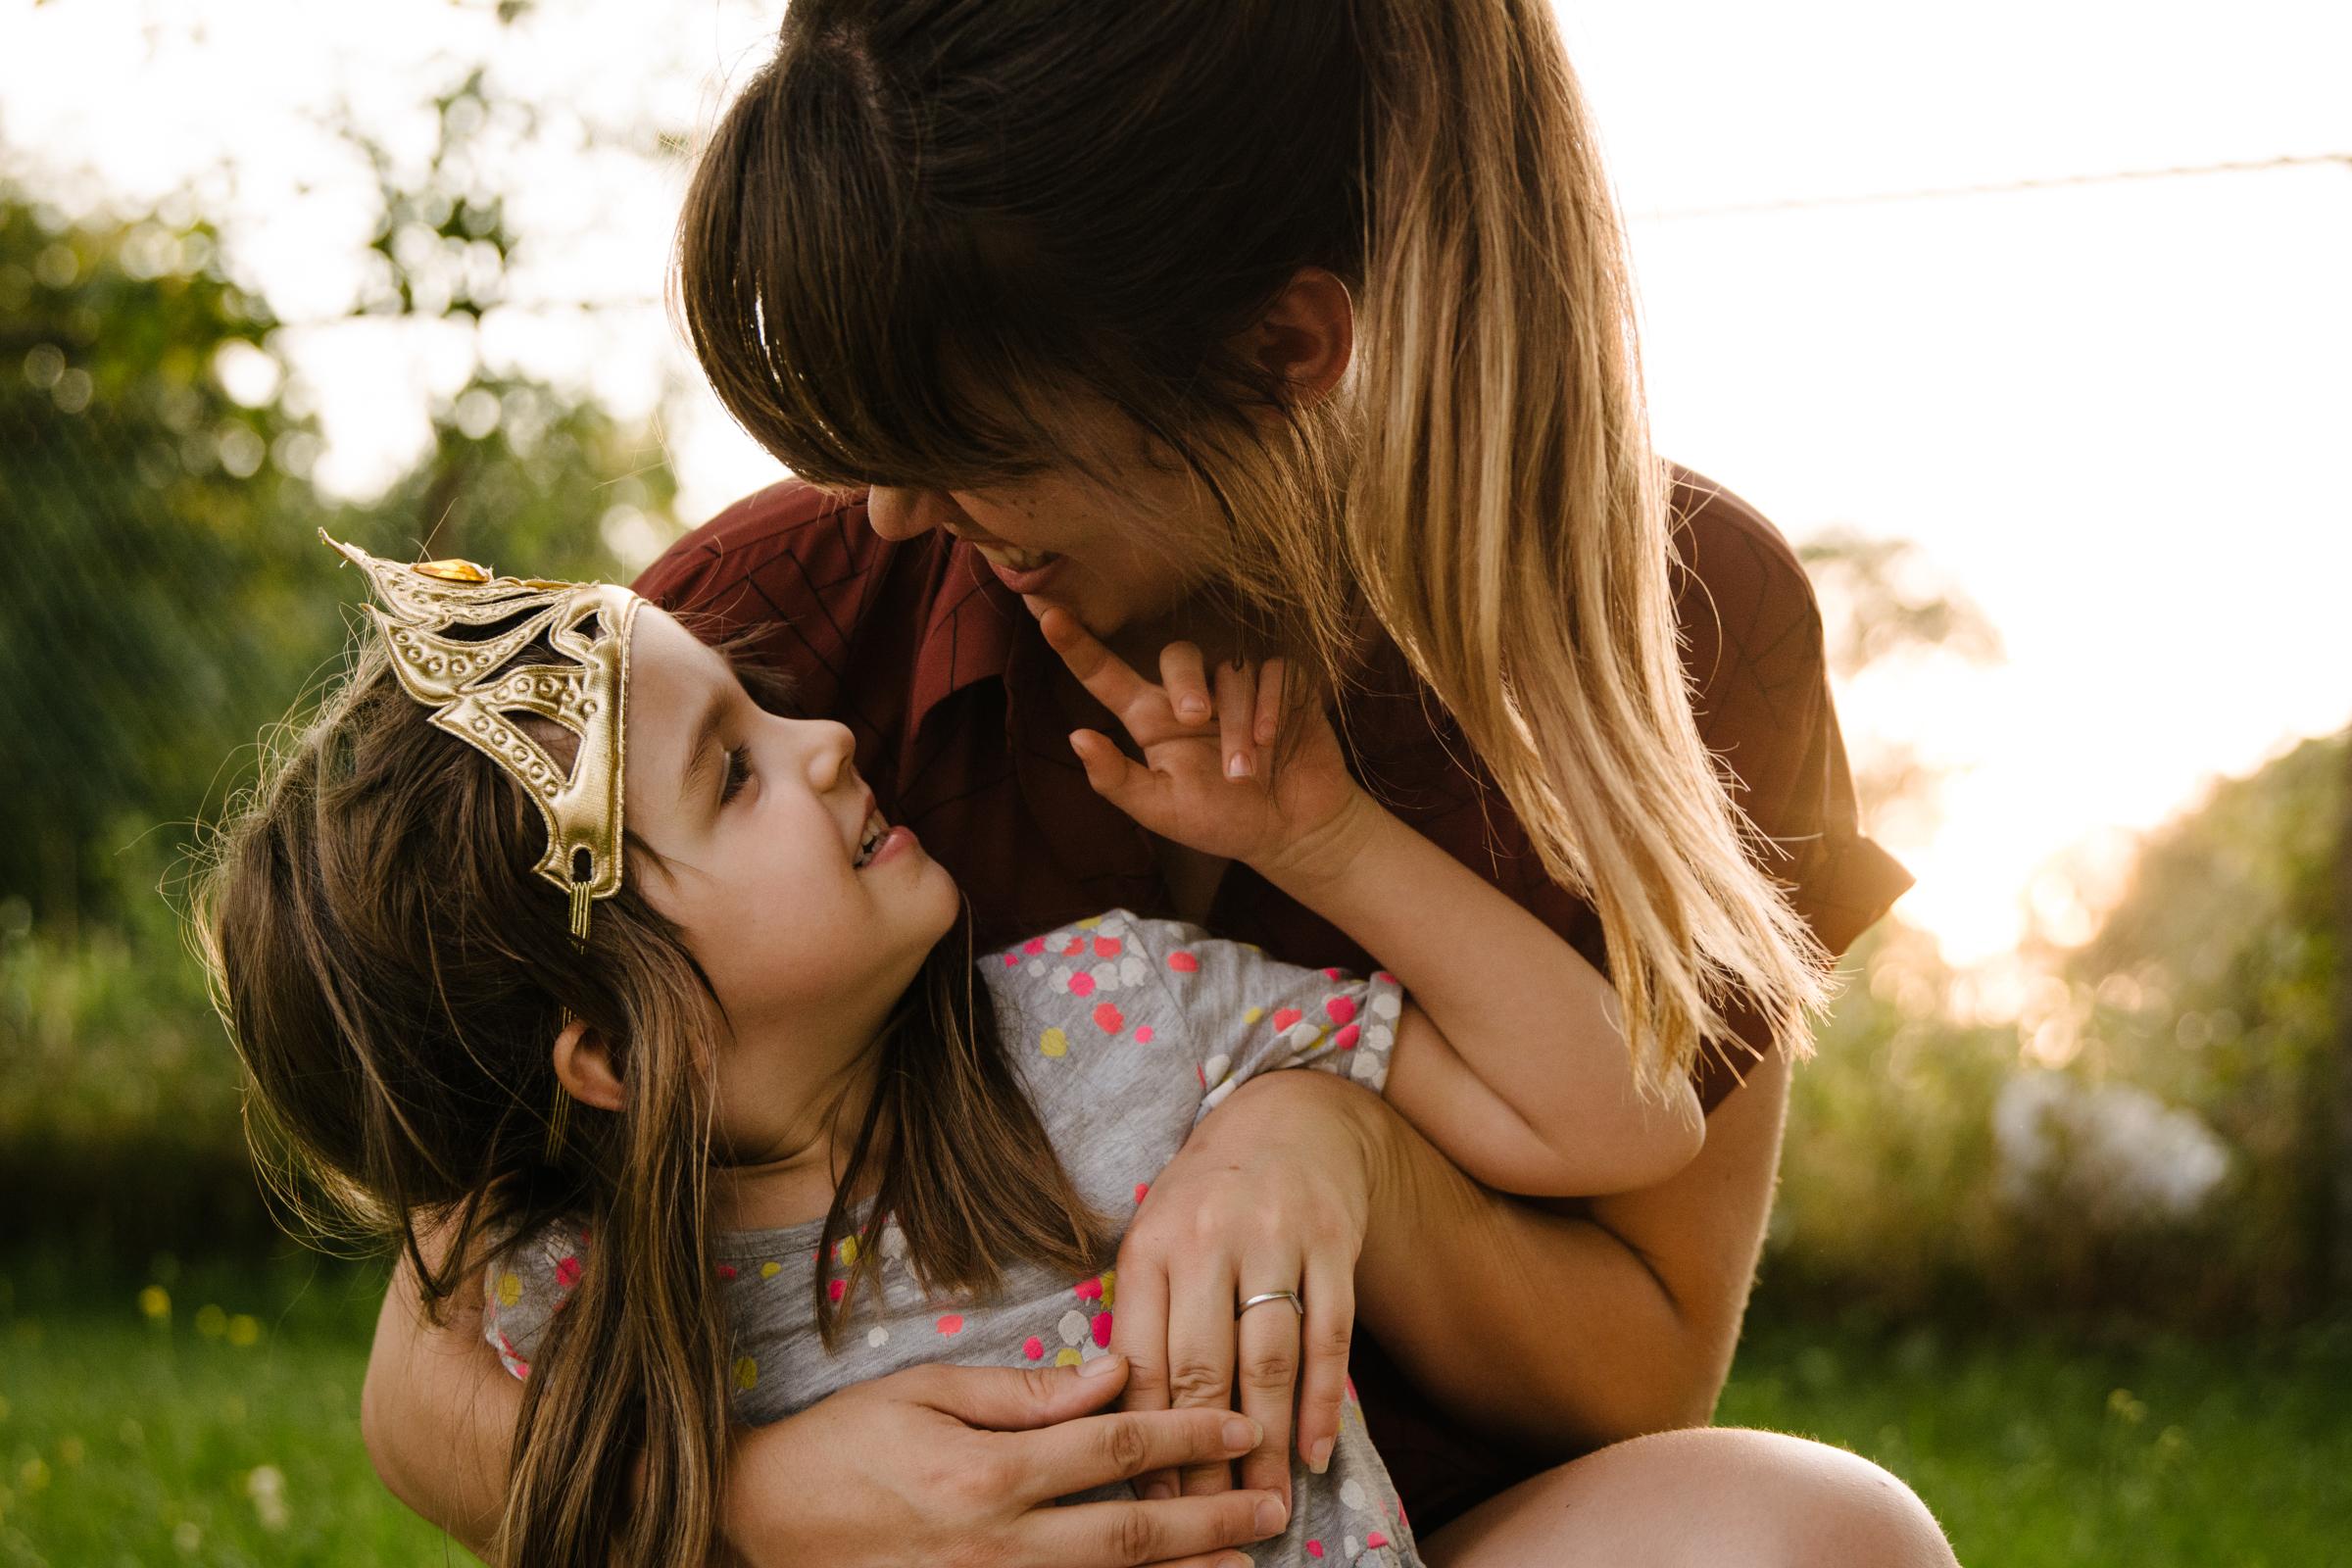 photo-d-une-maman-et-sa-fille-dans-un-champ-urbain-au-coucher-du-soleil-photographe-lifestyle-de-famille--a-montreal-marianne-charland-029.jpg